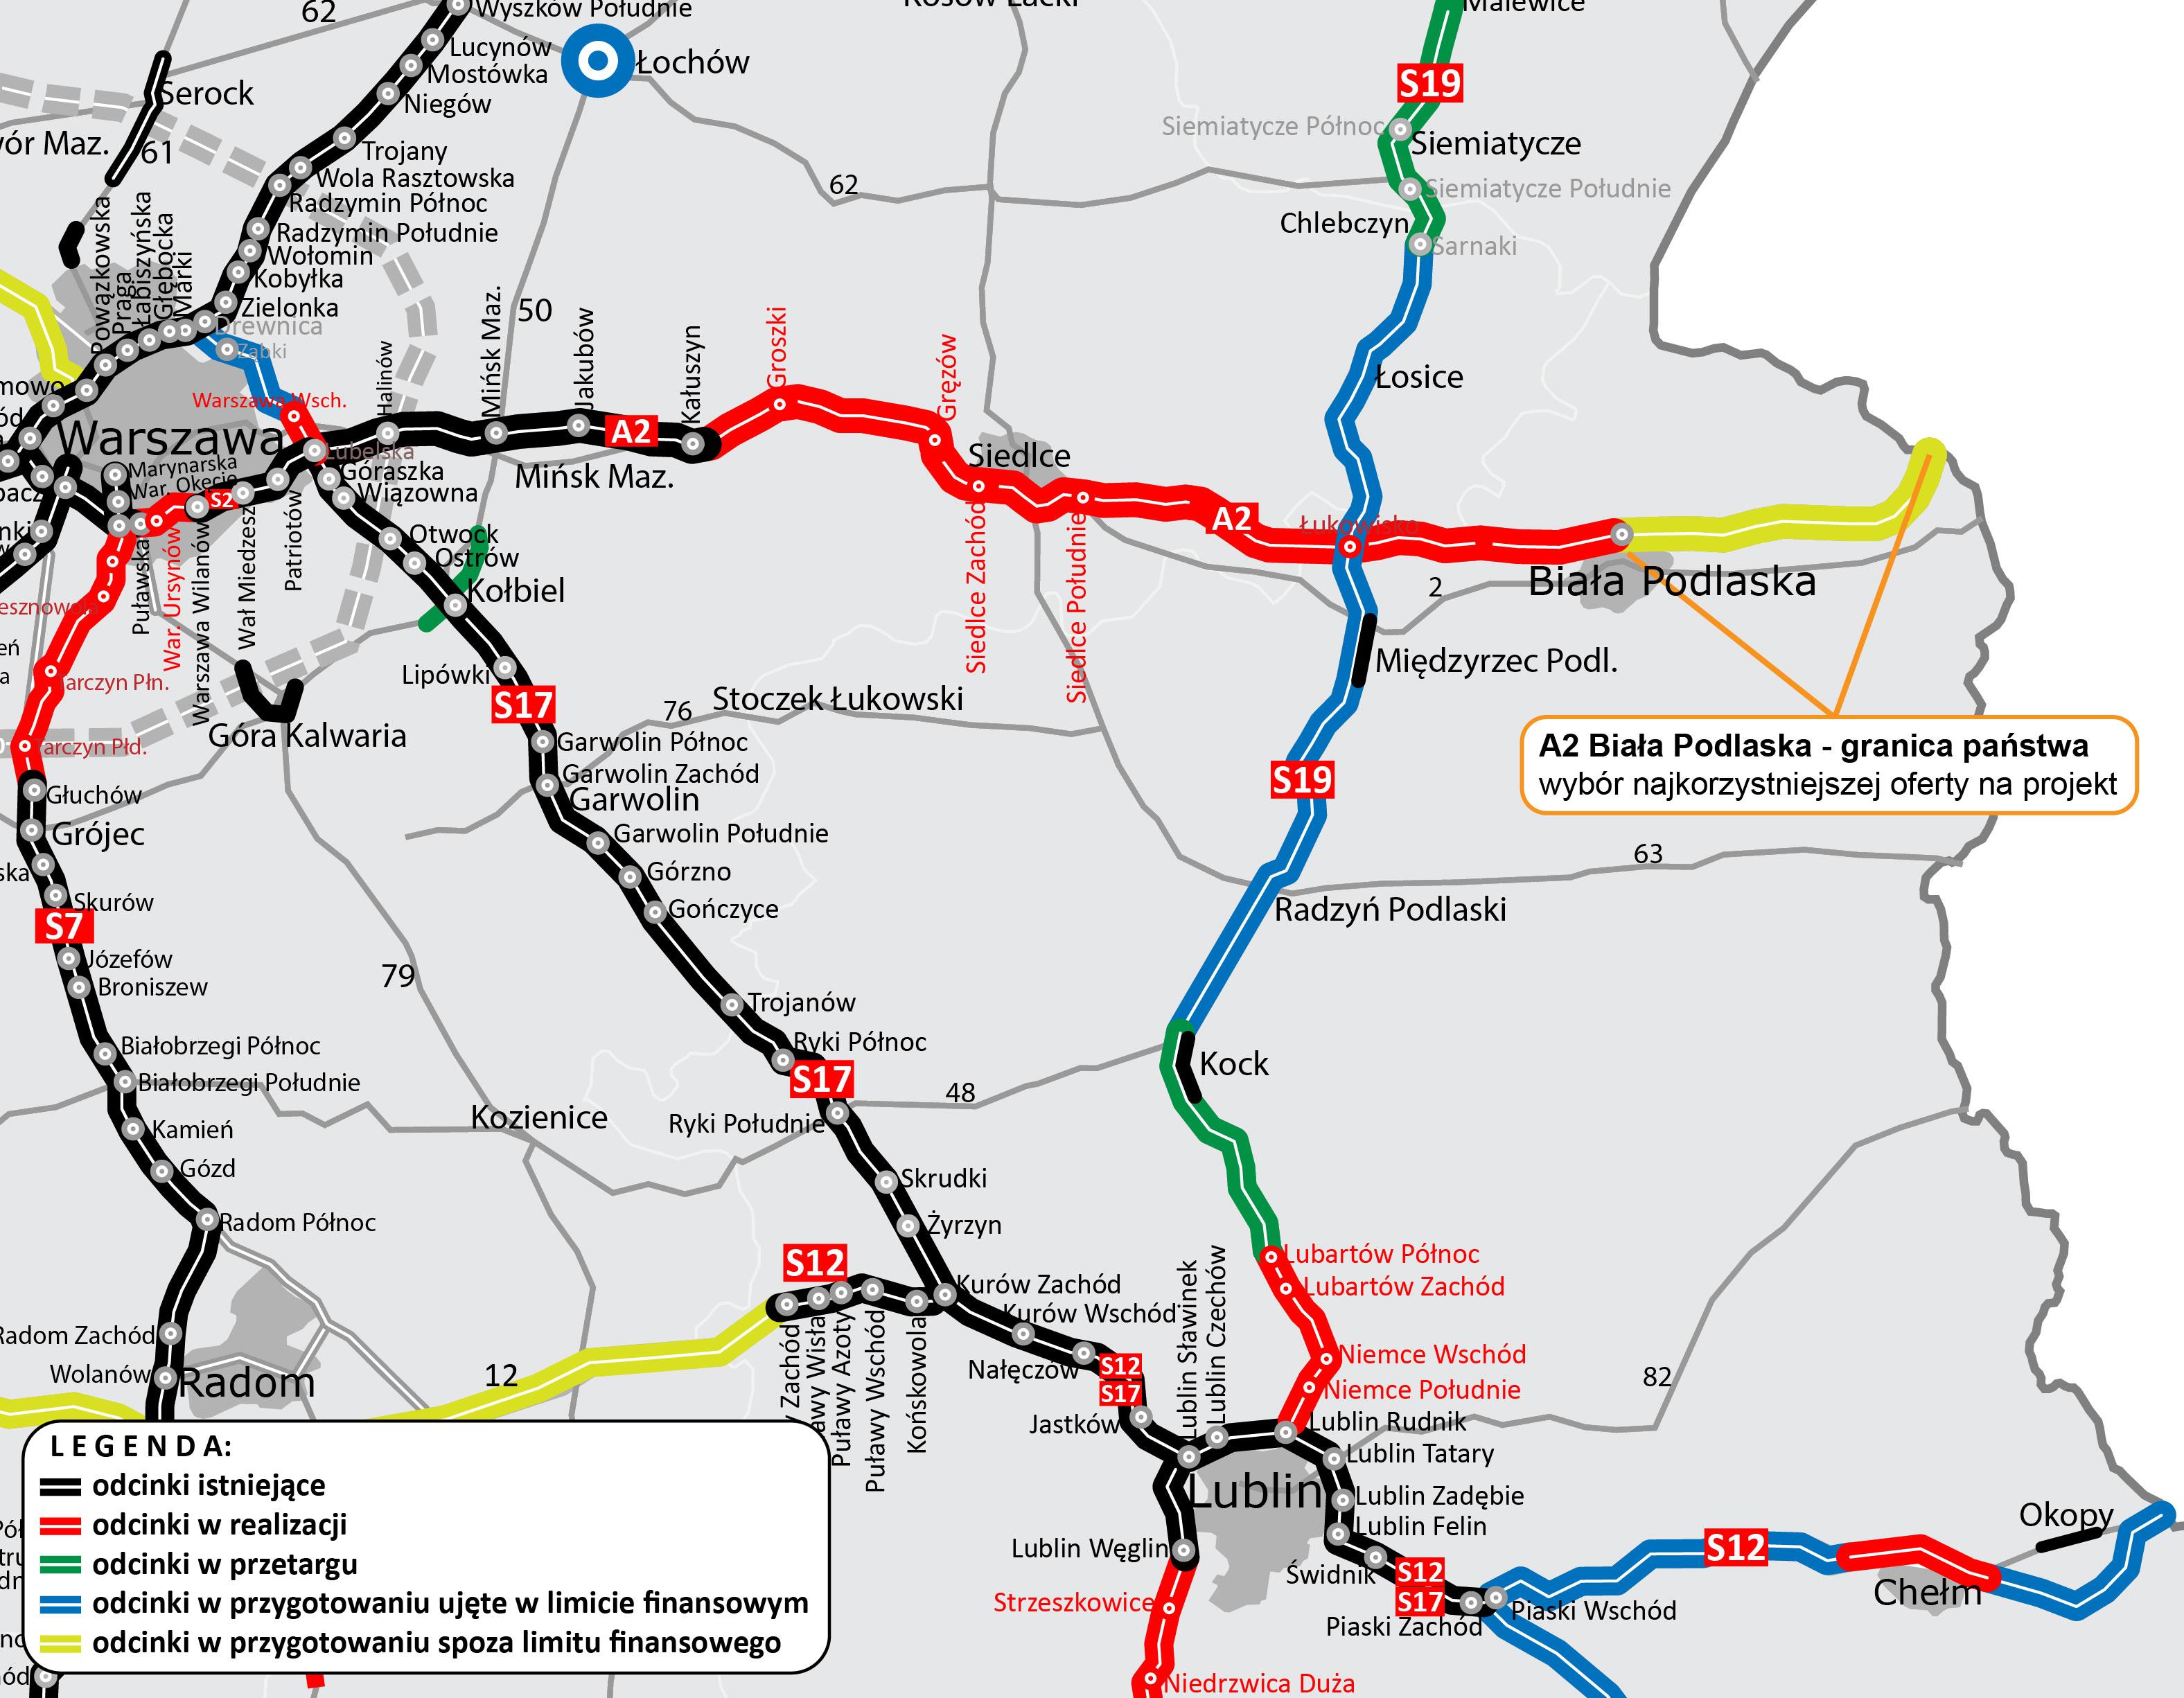 Biała Podlaska : Wybrano najkorzystniejszą ofertę na zaprojektowanie ostatnich 32 km autostrady A2 - Zdjęcie główne